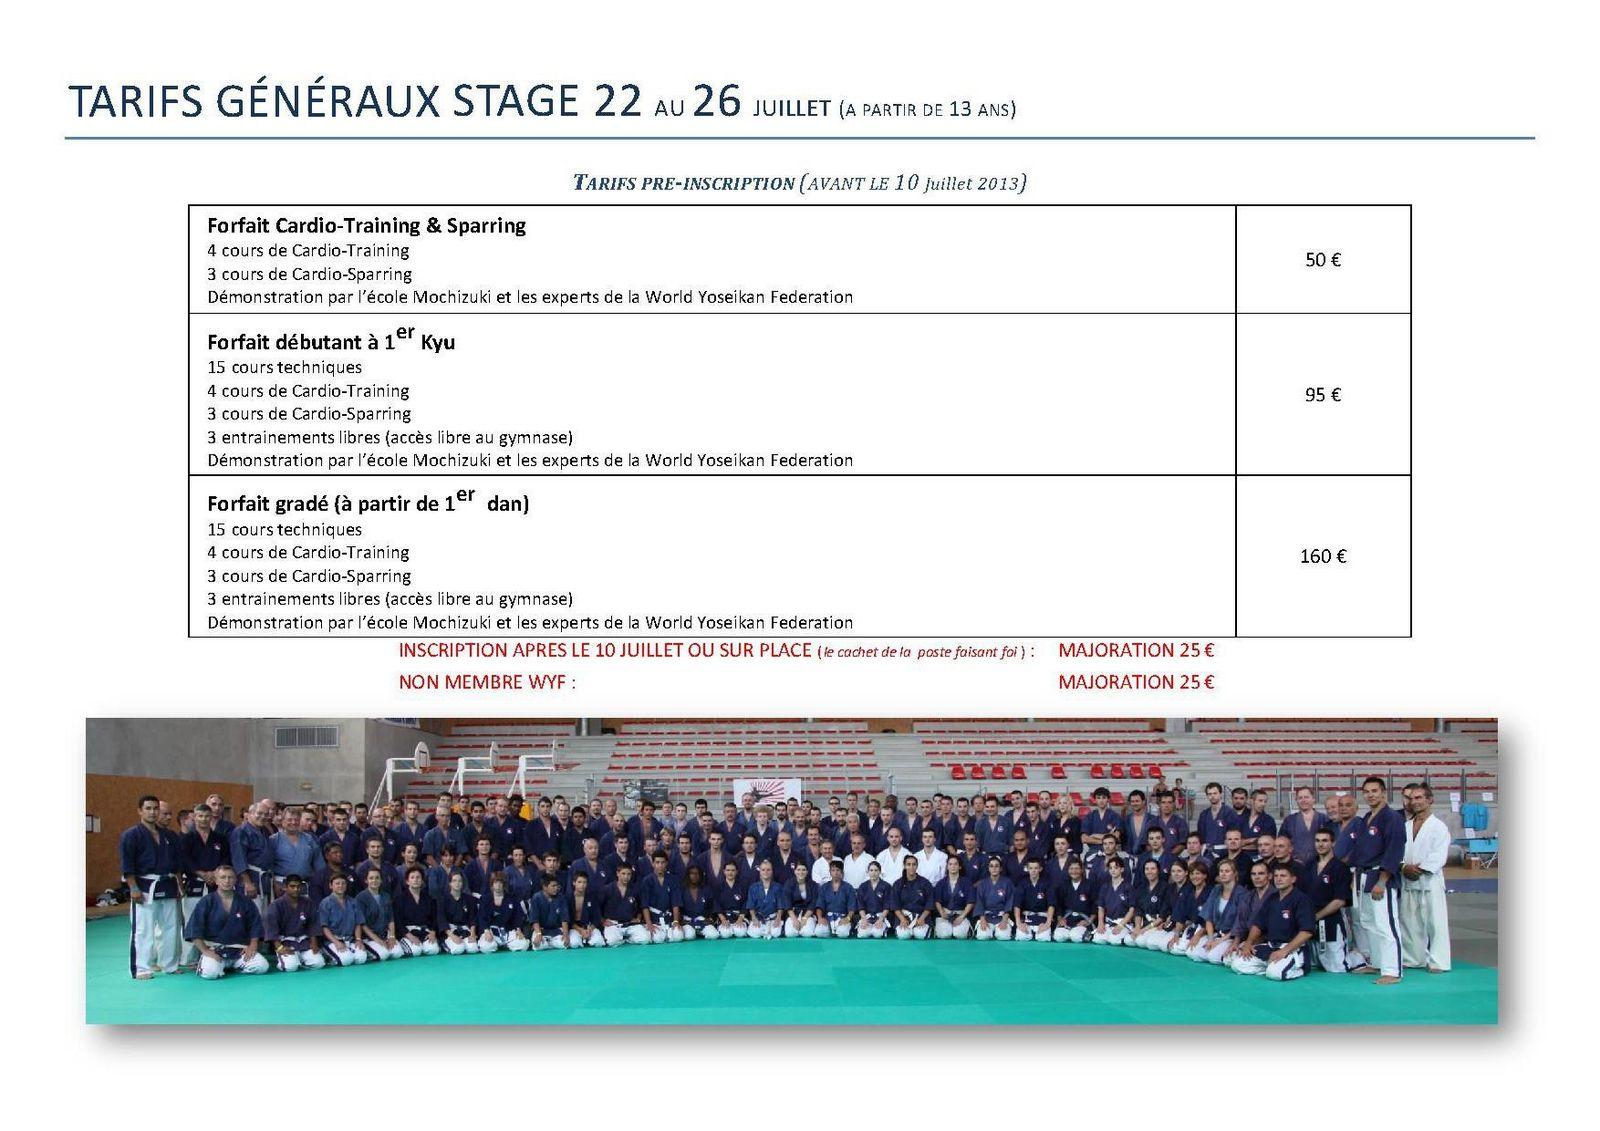 Dossier du stage: affiche, programme, inscription, accès...